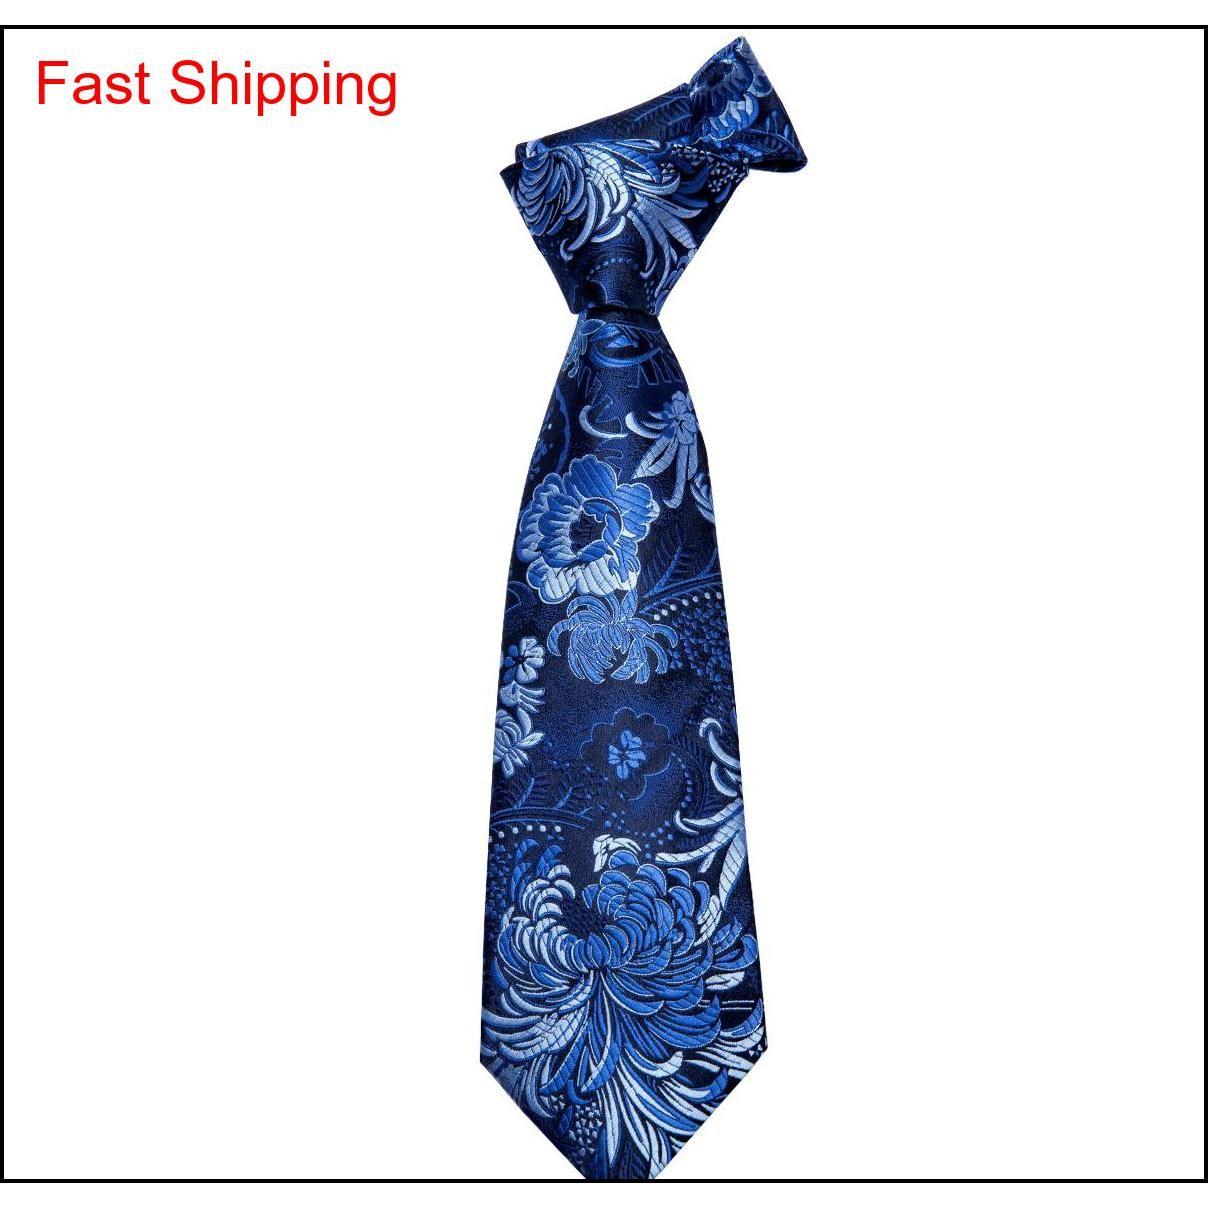 Hi-kravat 100% Ipek Mavi Kravat Seti Iş Erkekler Çiçek Desen Kravat Mendil Kol Düğmeleri Erkekler Için Set Bağları Düğün PA Qylcut HOMES2007